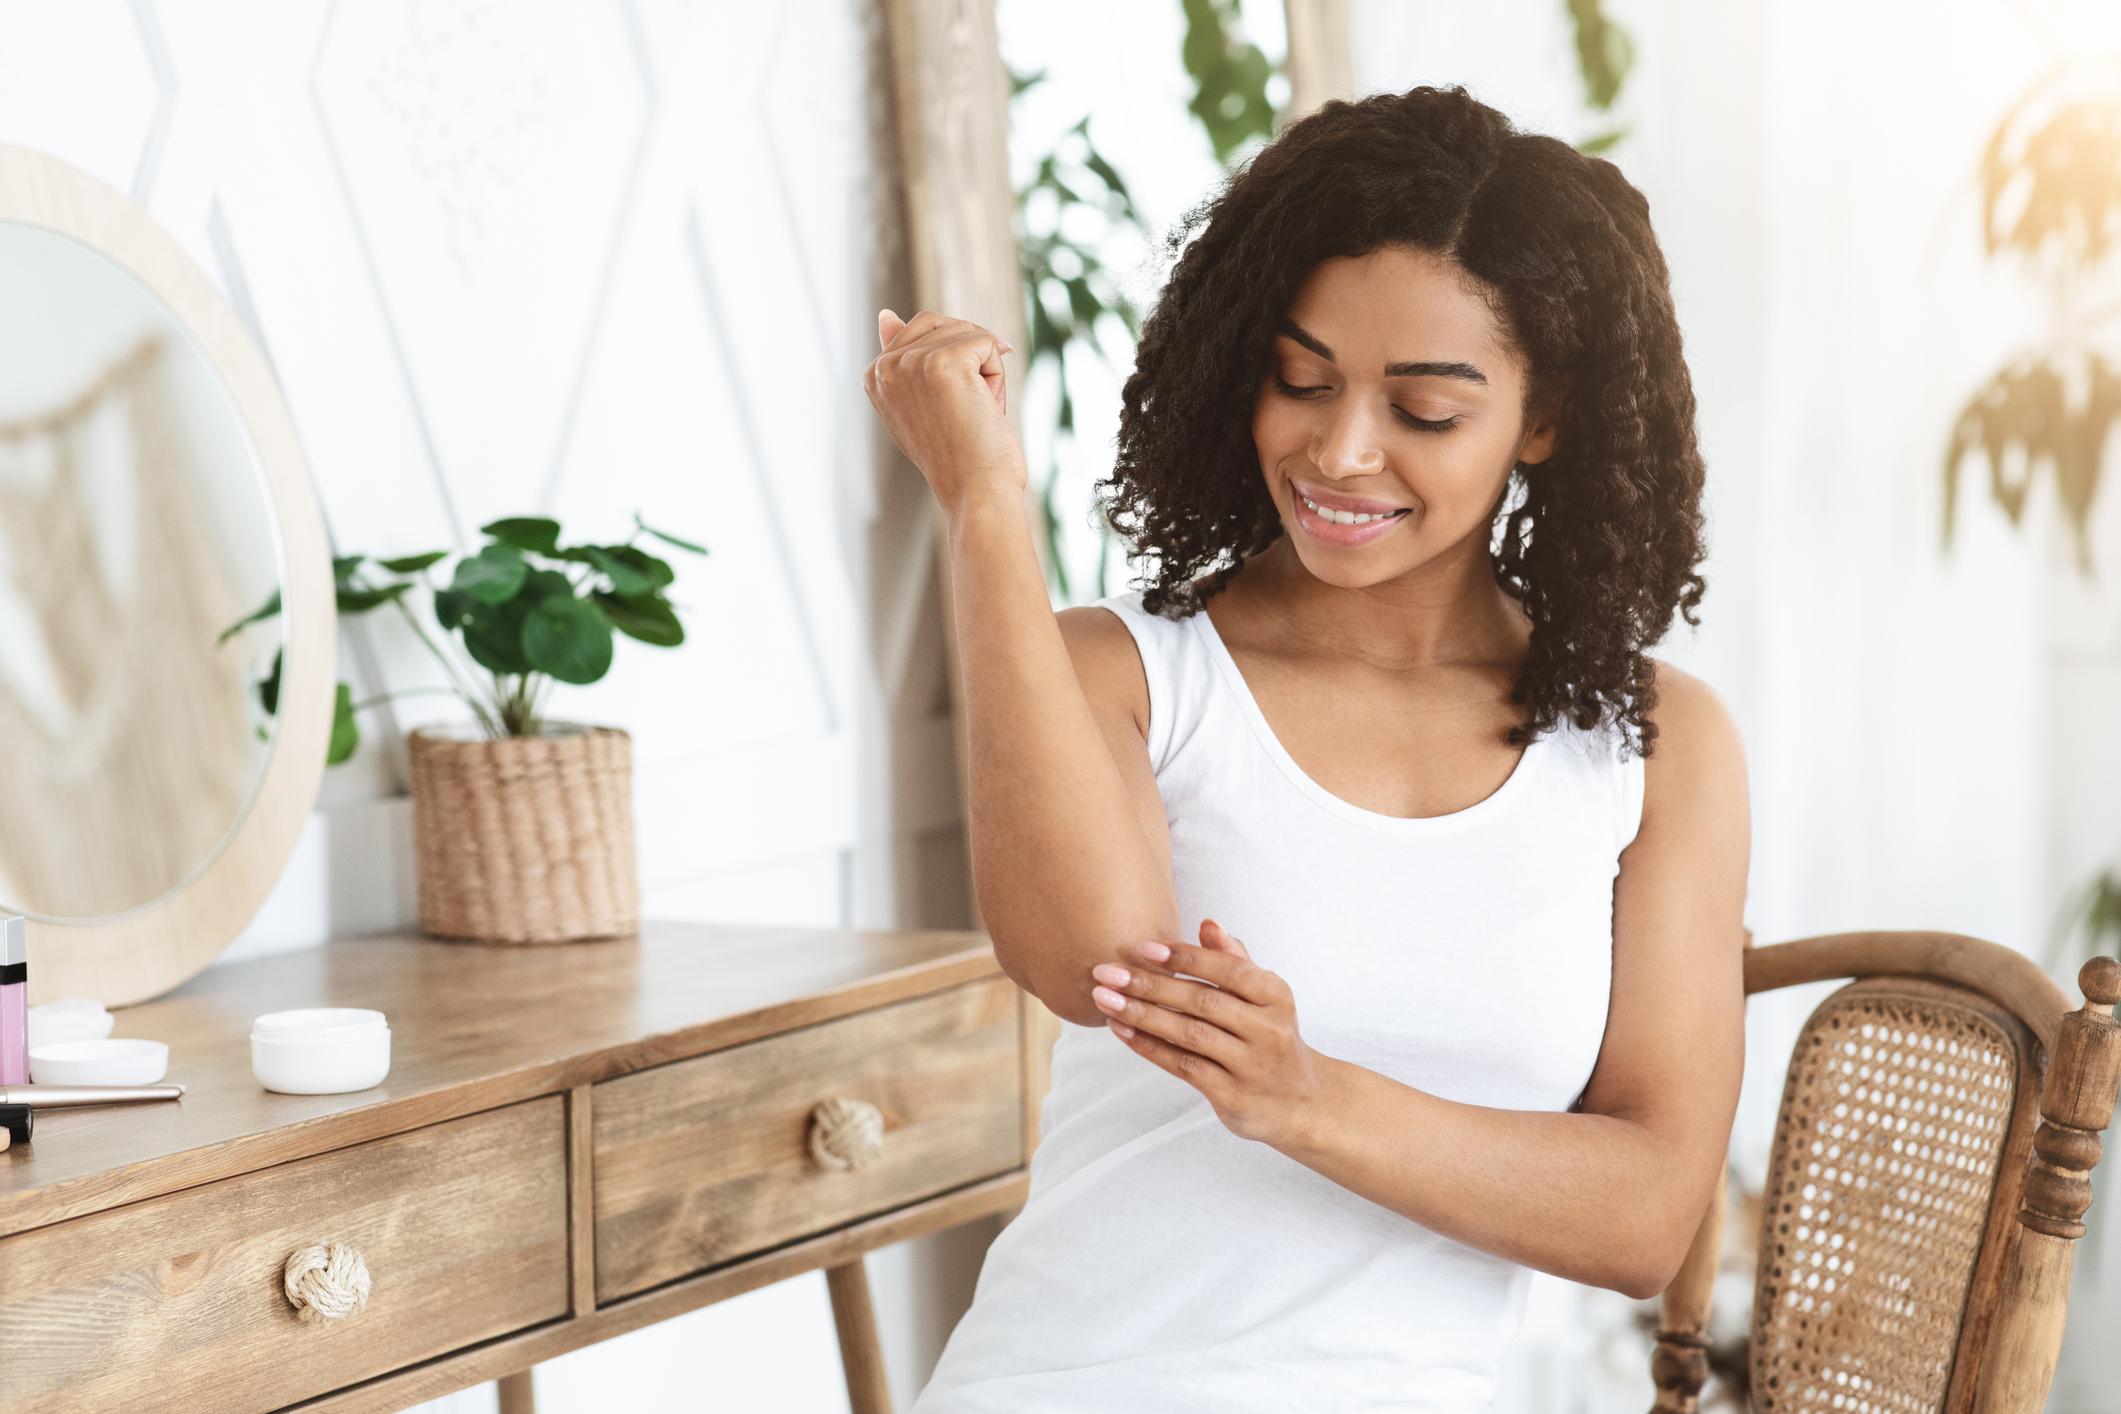 Jeune femme appliquant une crème hydratante pour réparer les coudes secs et protéger la peau fissurée